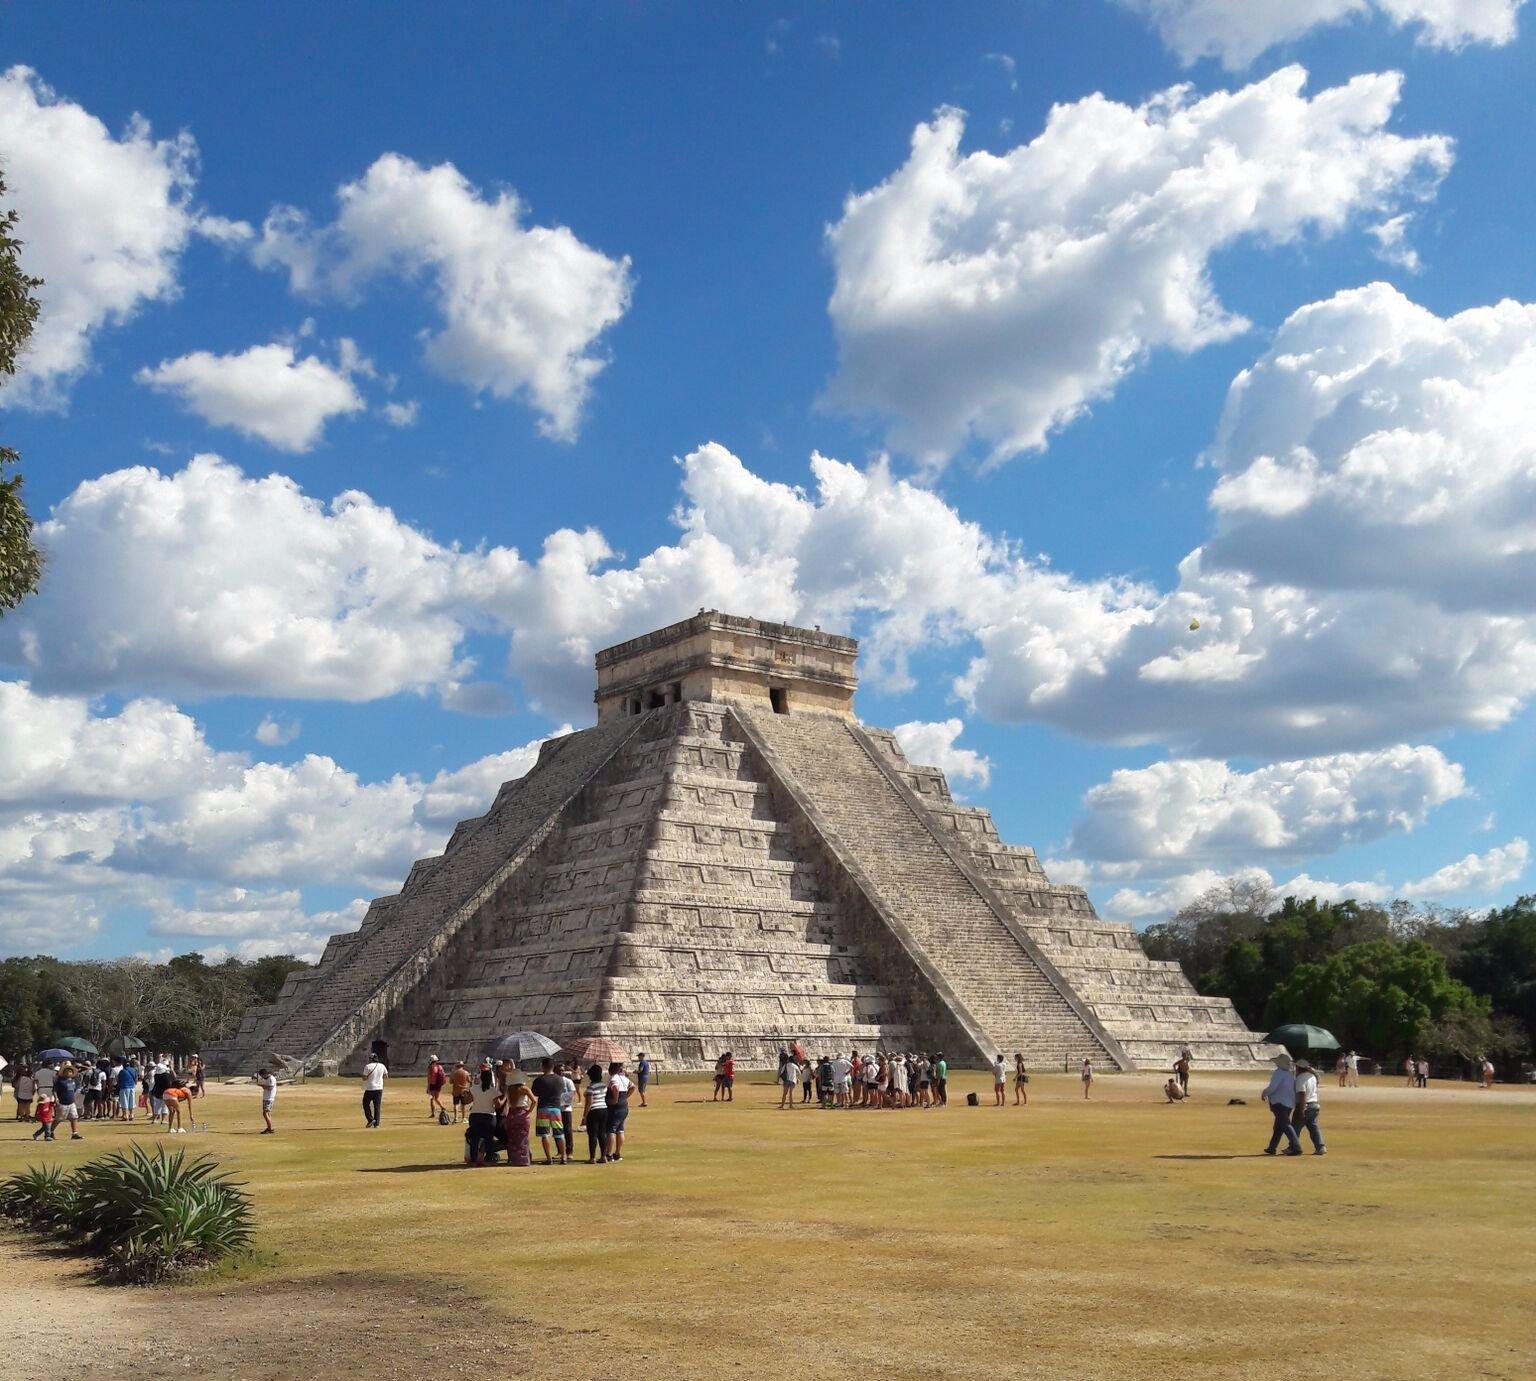 El templo de Chicen Itza (Mexico). Esta lleno de vendedores de artesanias, todo muy barato